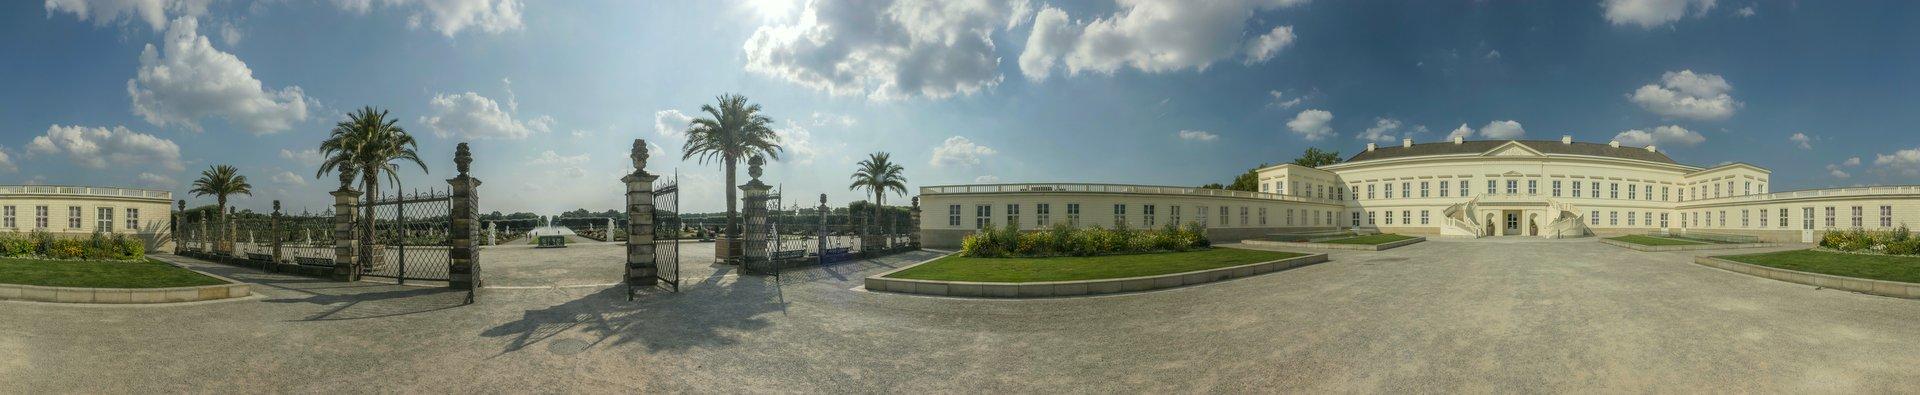 360° Panorama des Schlossinnenhofes im Großen Garten